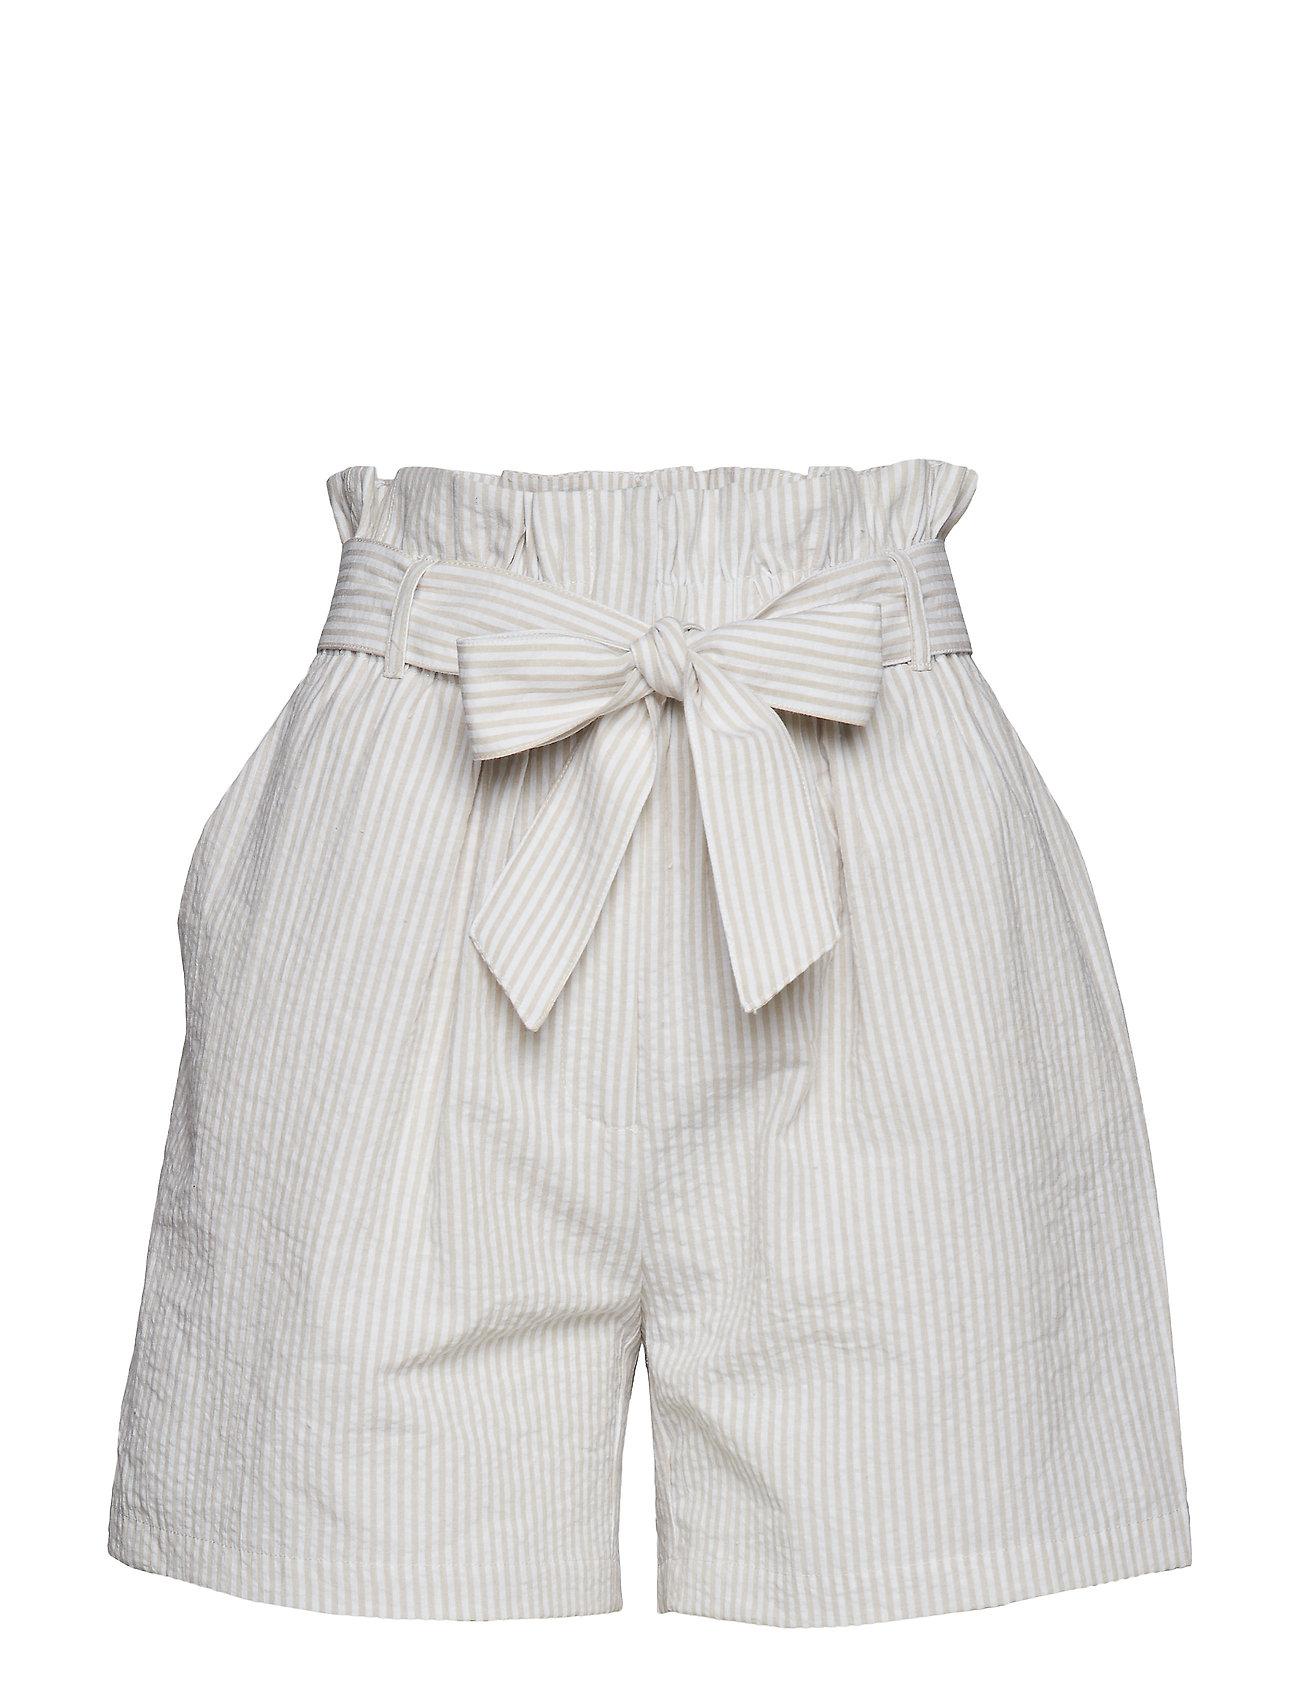 Image of Alba Shorts Shorts Flowy Shorts/Casual Shorts Hvid MINUS (3170930623)